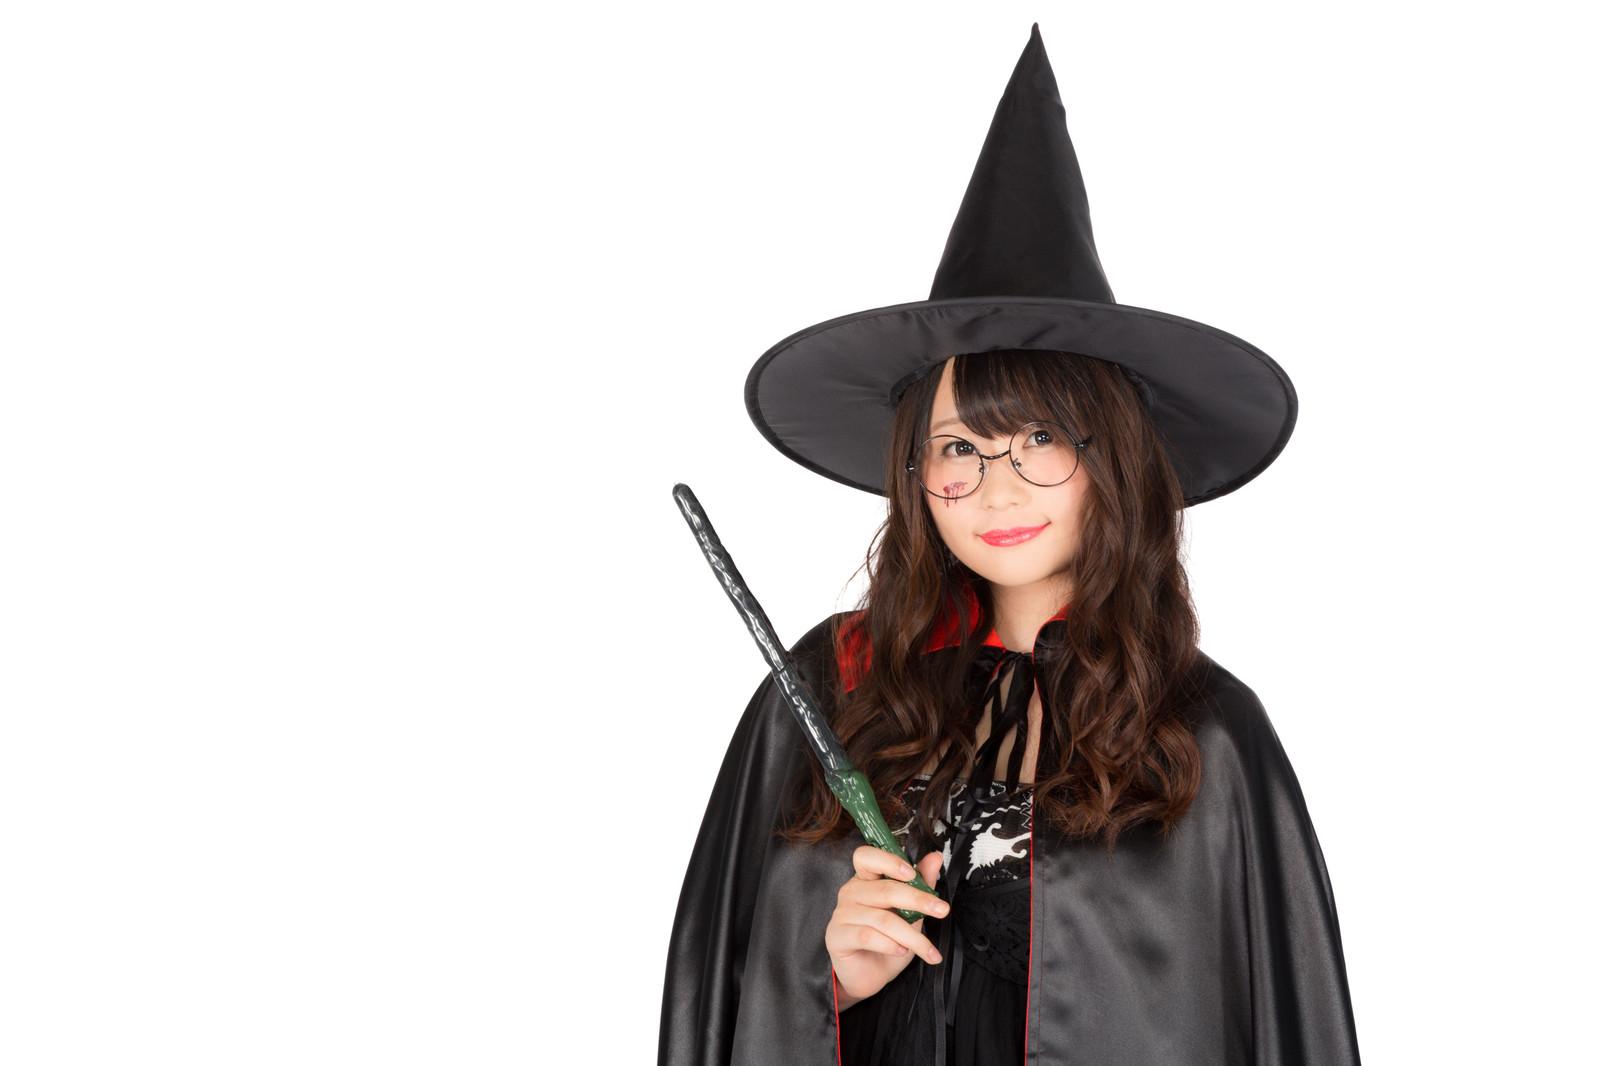 [必見]ハロウィンの仮装で迷ってない?失敗しない簡単候補4選伝授